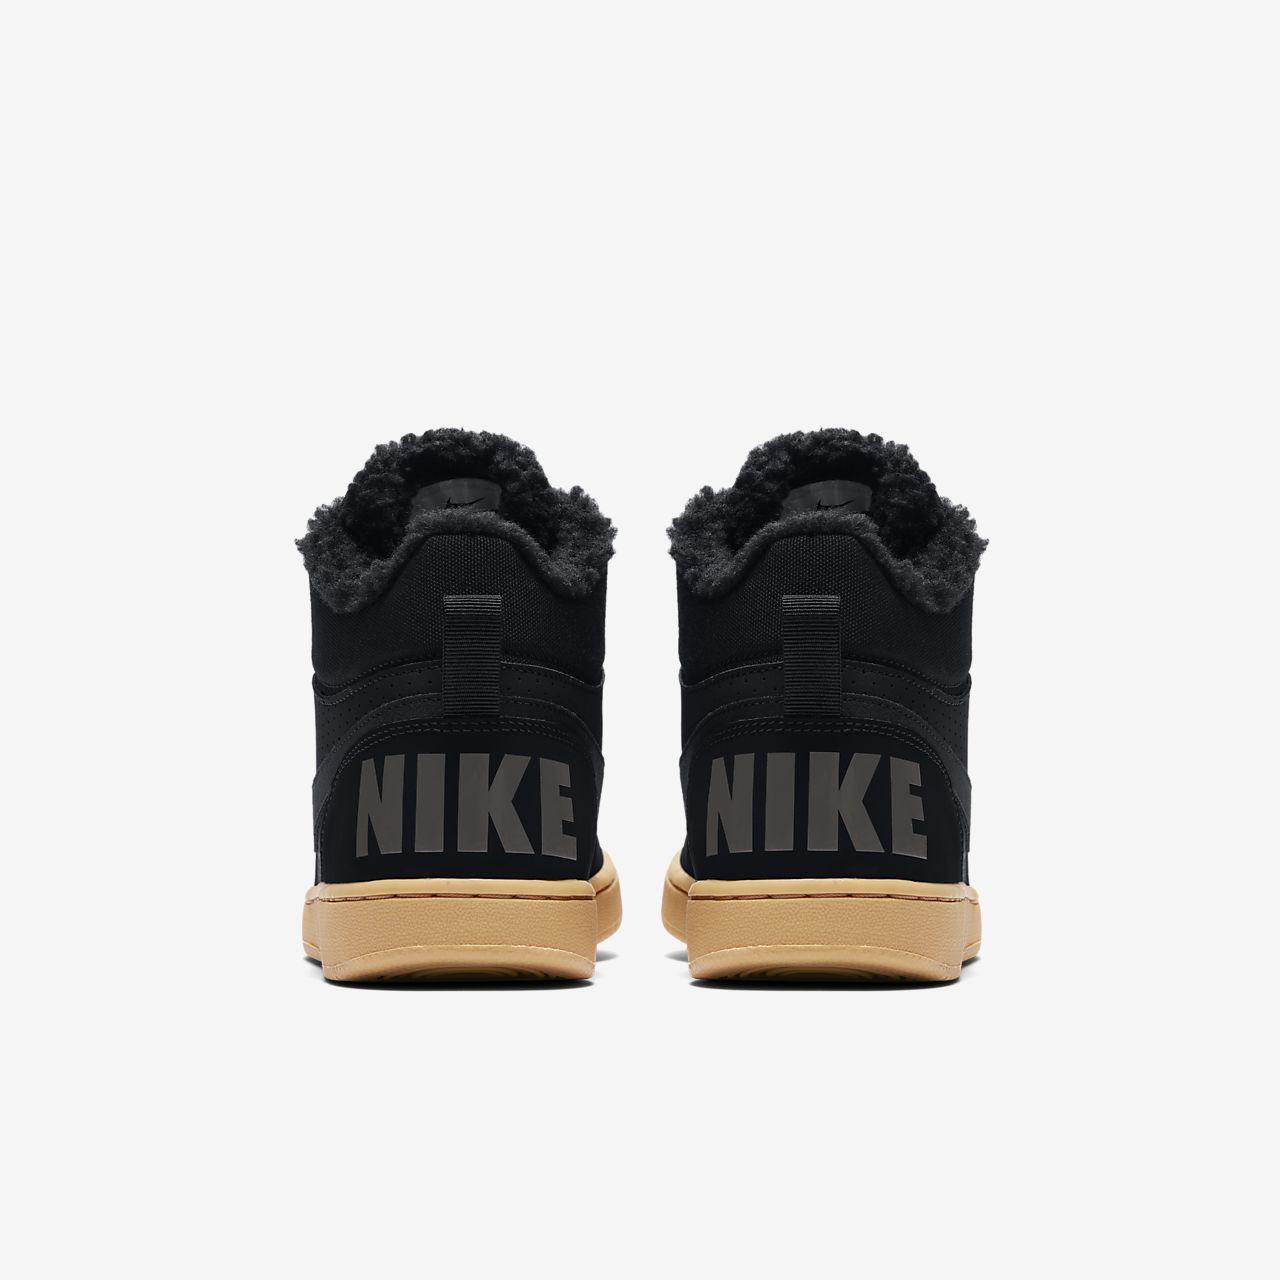 Âgé Chaussure Enfant Borough Mid Nike Court Plus Pour Winter 8nvOmwyN0